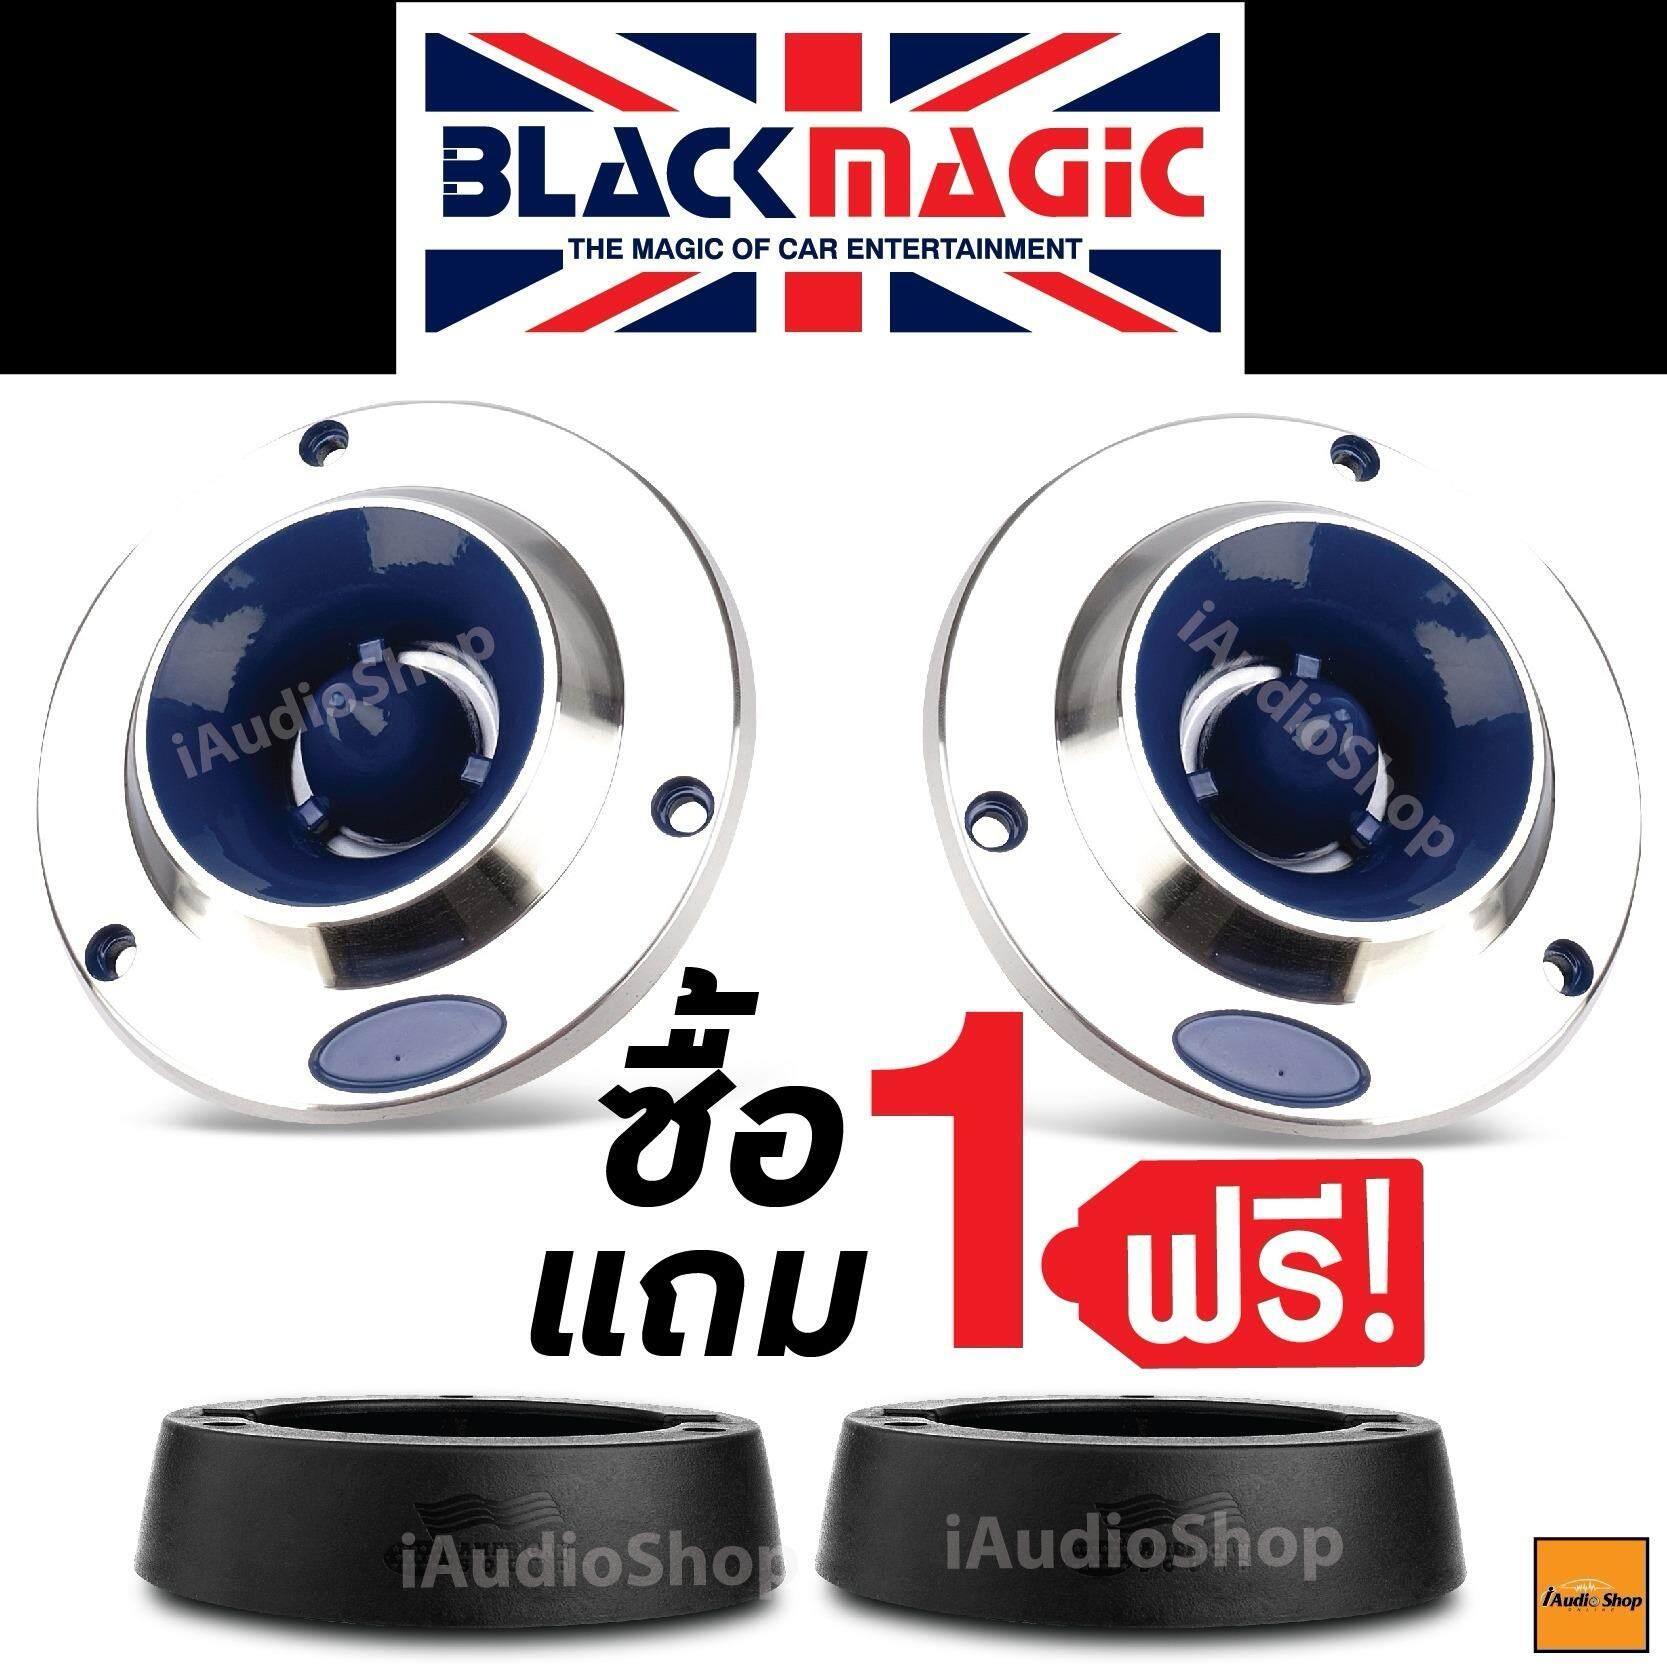 ขาย Black Magic ซื้อ1แถม1 ทวิตเตอร์จาน ทวิตเตอร์ แหลมจาน ขนาด4นิ้ว Bmg 404 จำนวน 1คู่ แถมฟรี ฐานรองทวิตเตอร์จาน จำนวน 1คู่ Black Magic ผู้ค้าส่ง